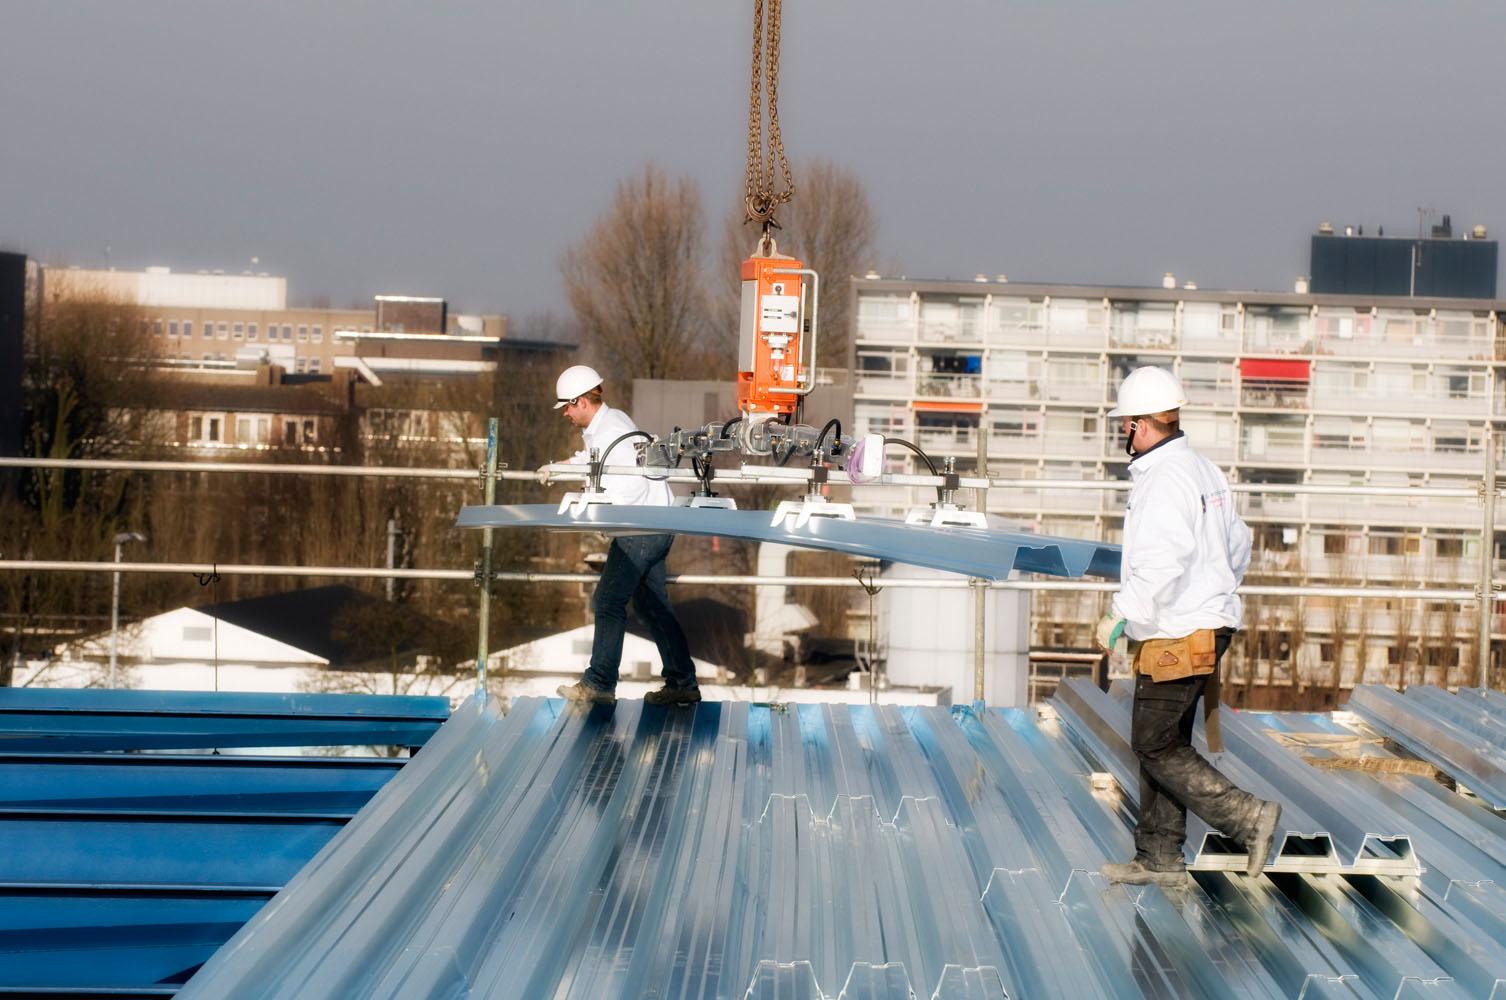 Niestadt-fotografie-Schoonhoven-JG-Systeembouw-dak-beplating-gorinchem-2